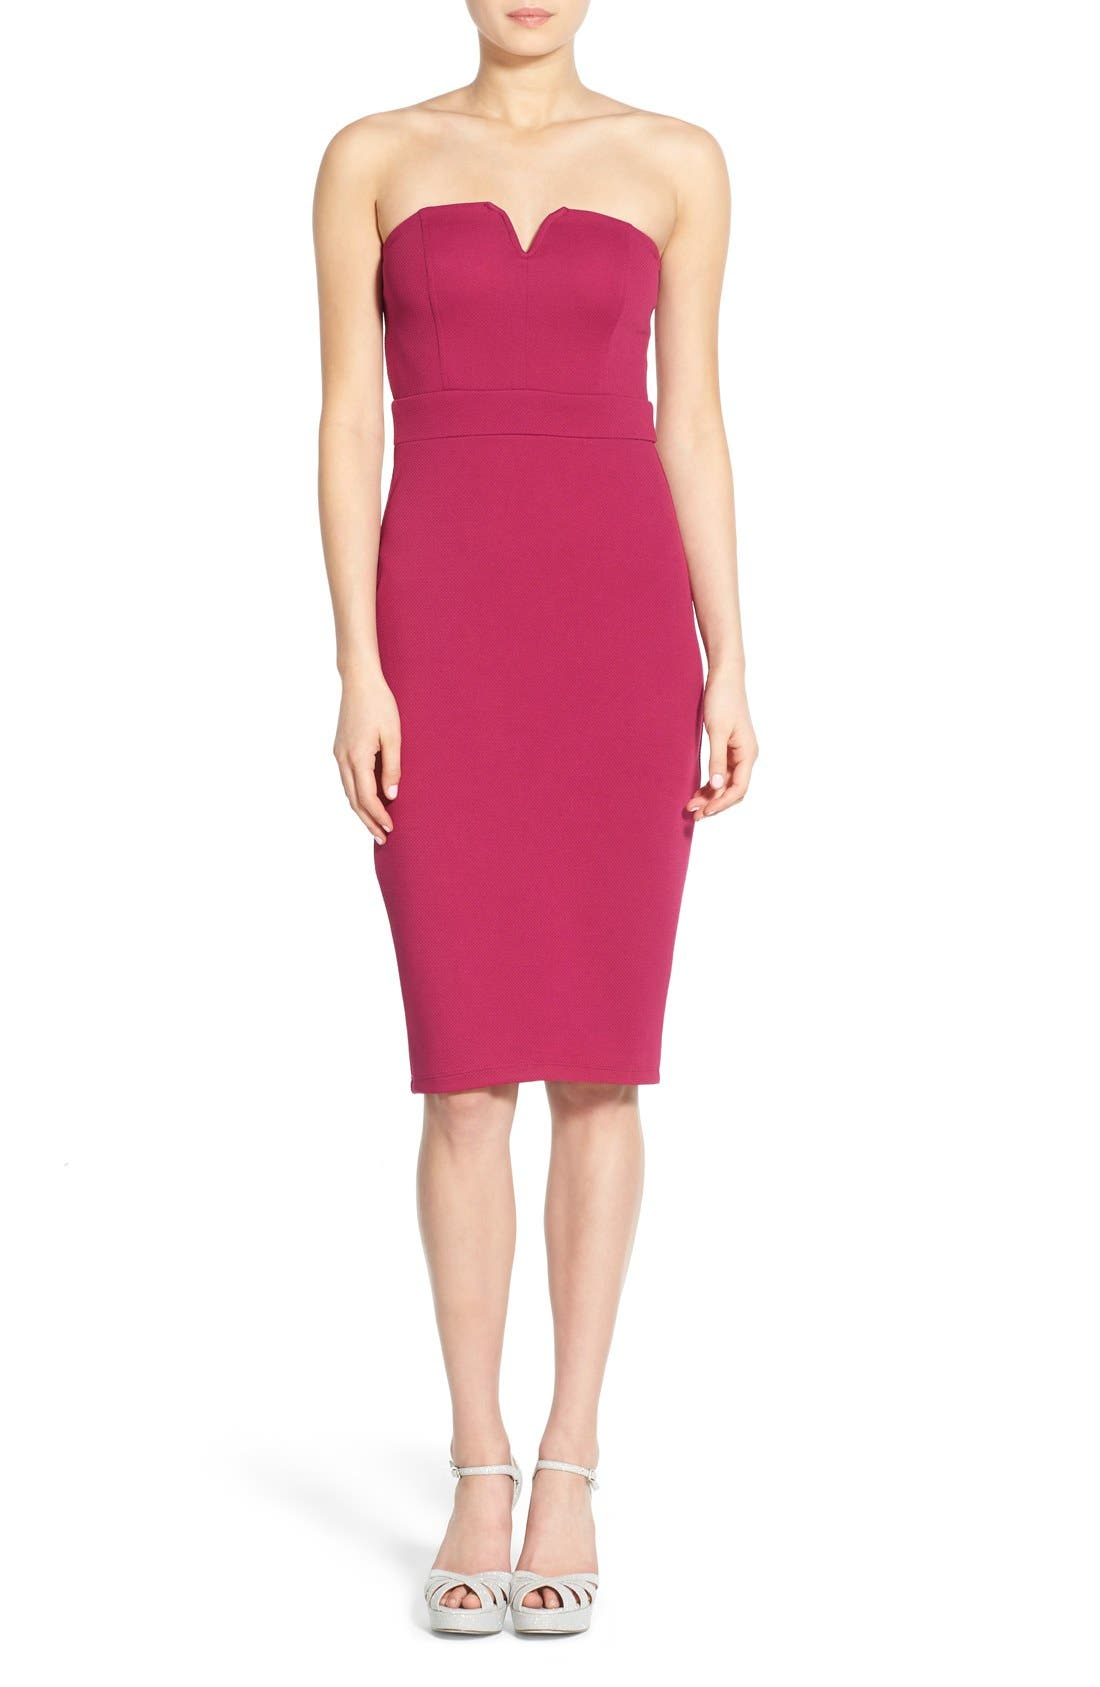 Alternate Image 1 Selected - Speechless Strapless Sheath Dress